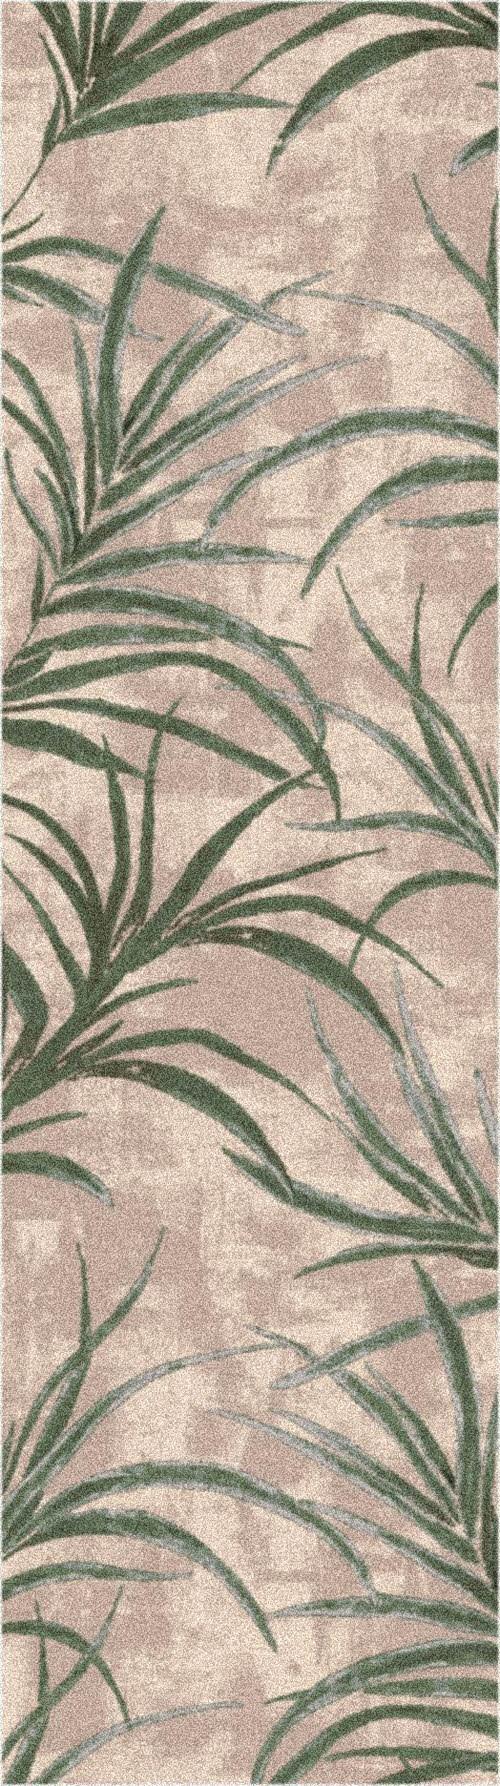 Alabaster (25)  Floral / Botanical Area Rug